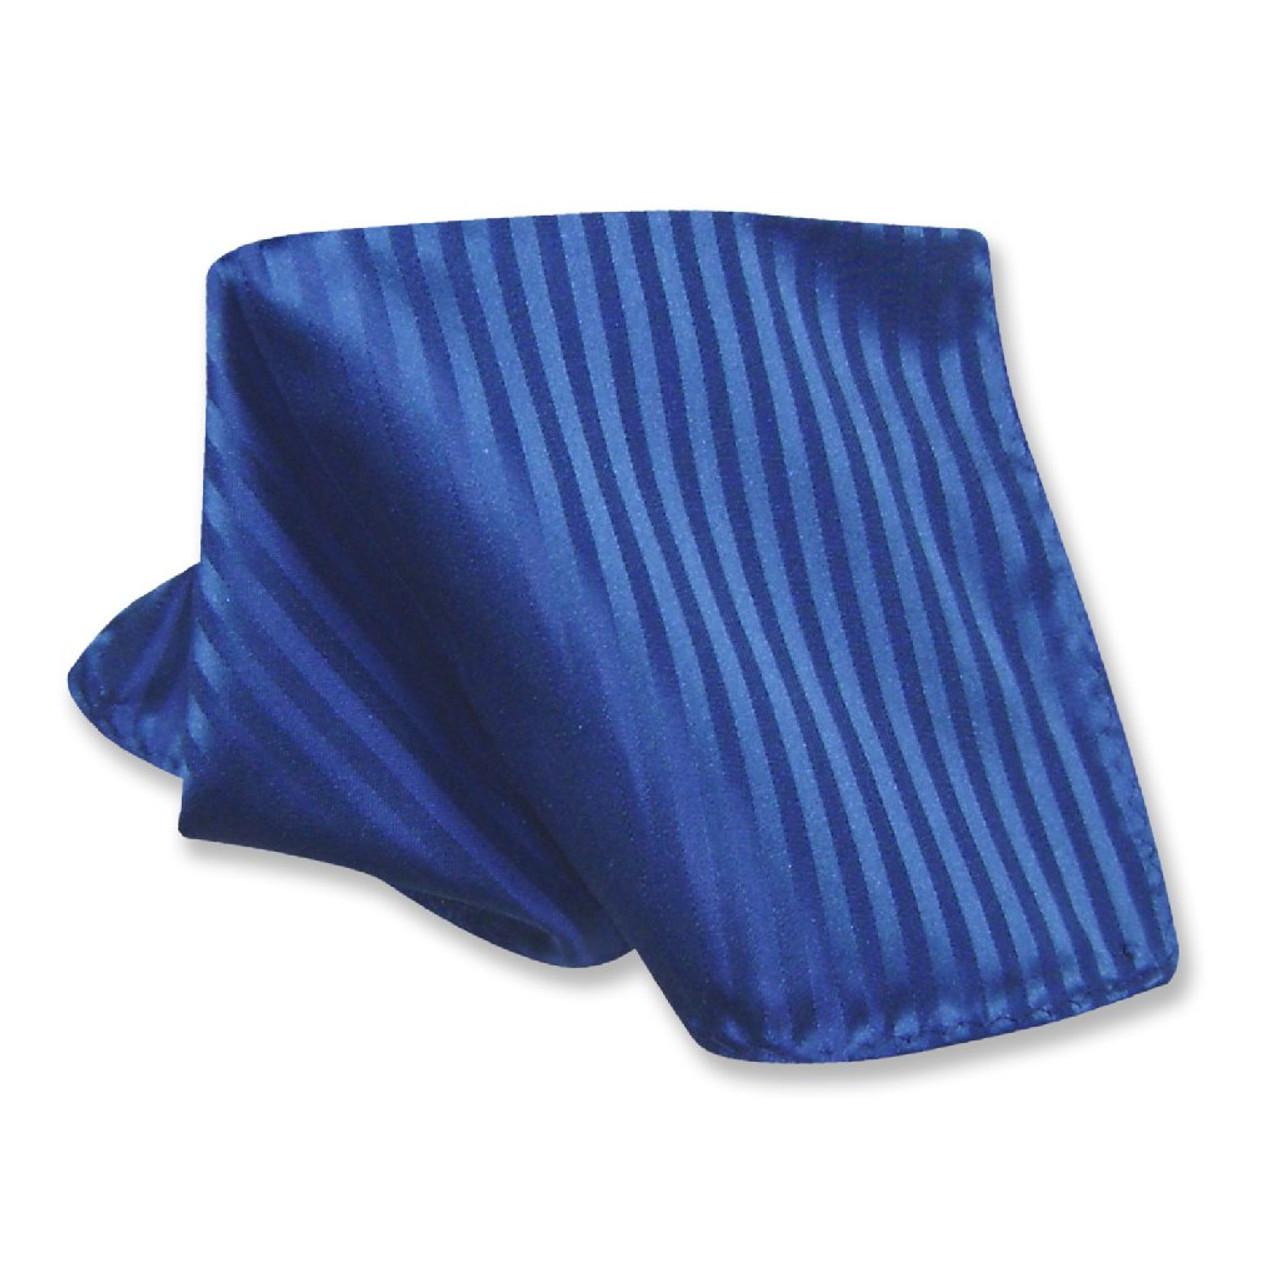 1e216e4385 Mens Dress Vest NeckTie Royal Blue Color Vertical Striped Neck Tie Set